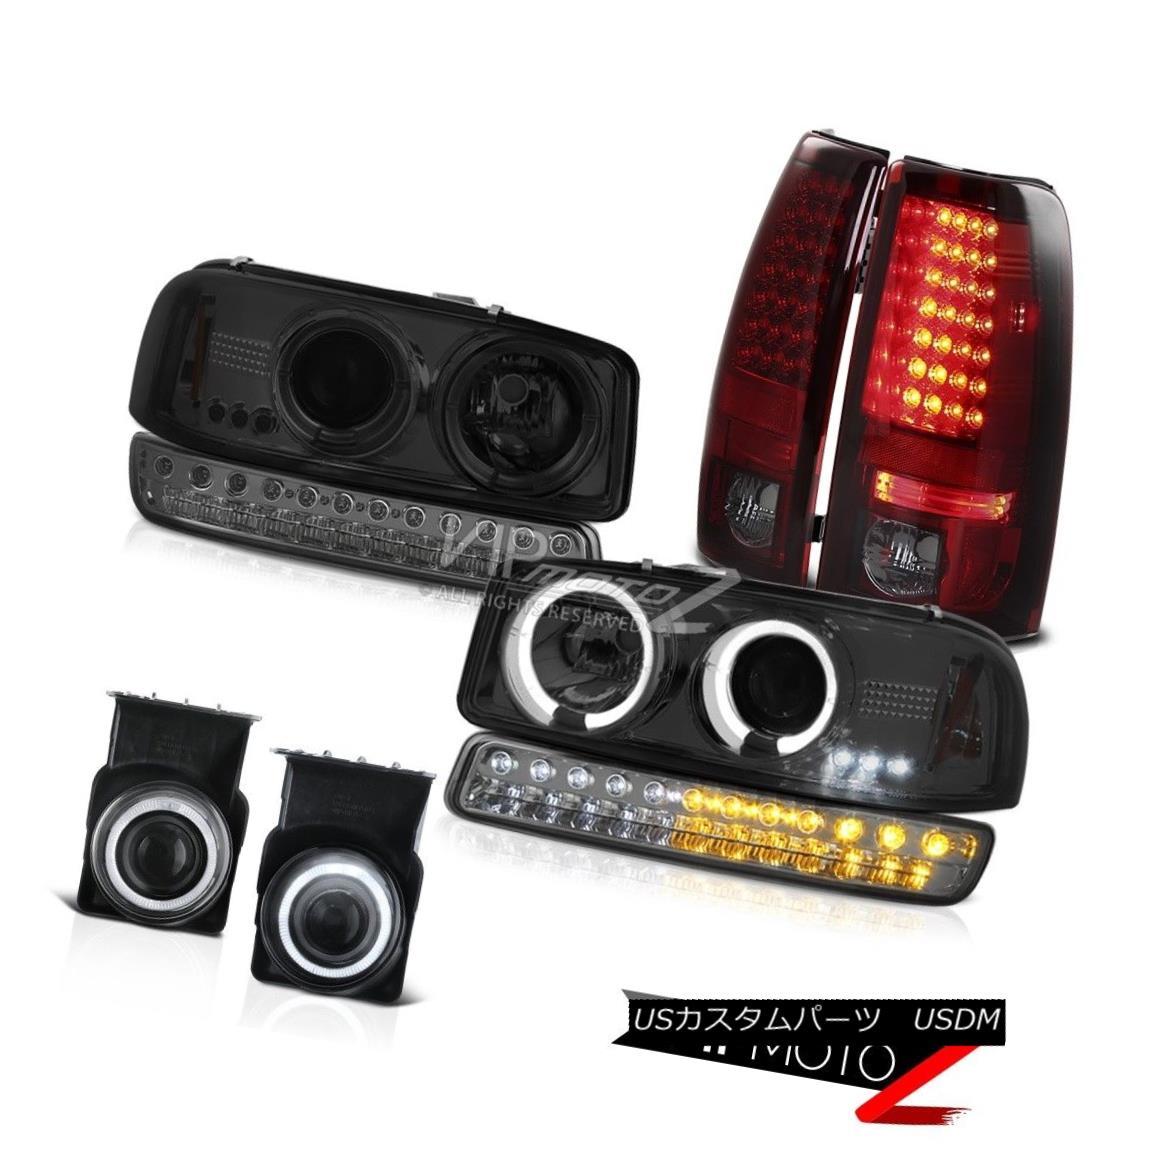 ヘッドライト 03 04 05 06 Sierra 2500 Euro Chrome Fog Lights SMD Tail Turn Signal Headlights 03 04 05 06シエラ2500ユーロクロームフォグライトSMDテールターンシグナルヘッドライト